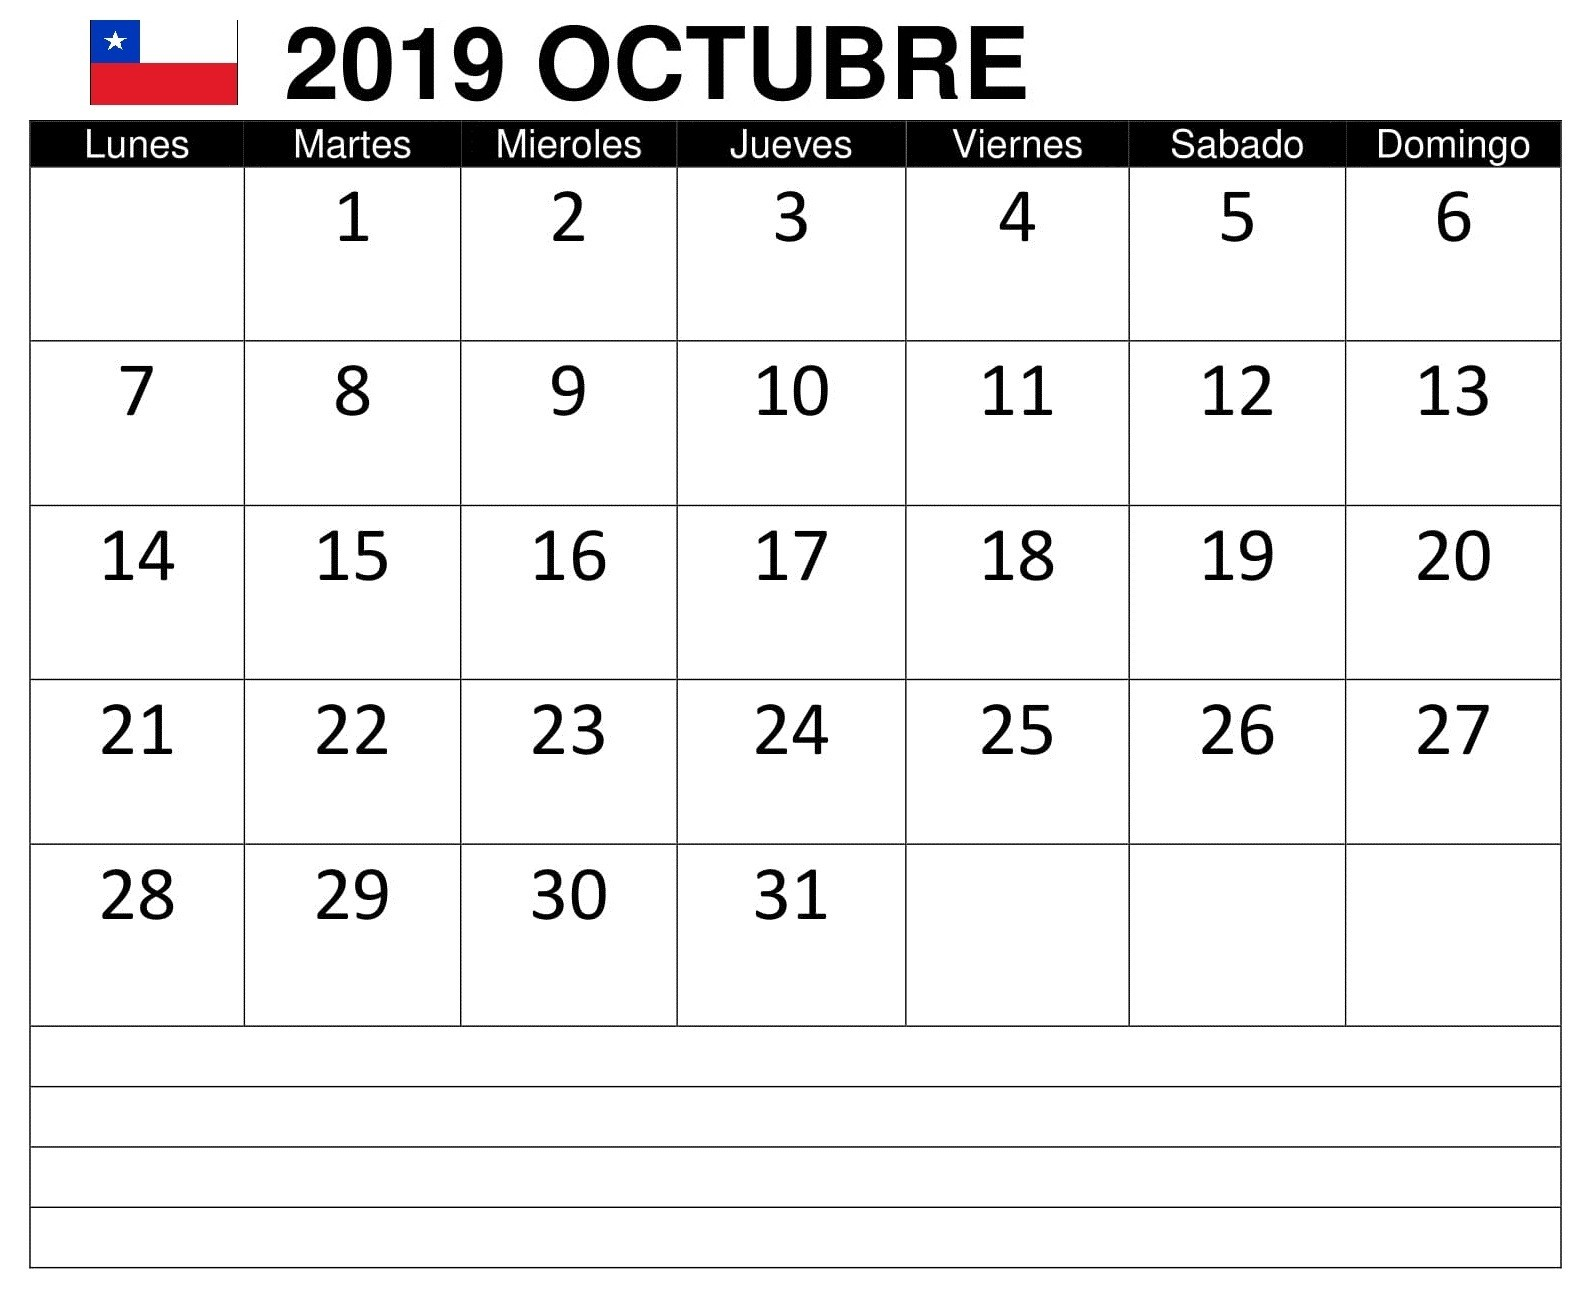 Calendario 2019 Noviembre Para Imprimir Más Caliente Calendario De Octubre 2019 Of Calendario 2019 Noviembre Para Imprimir Más Reciente Tj Resid Actividad Puntos Kipdf